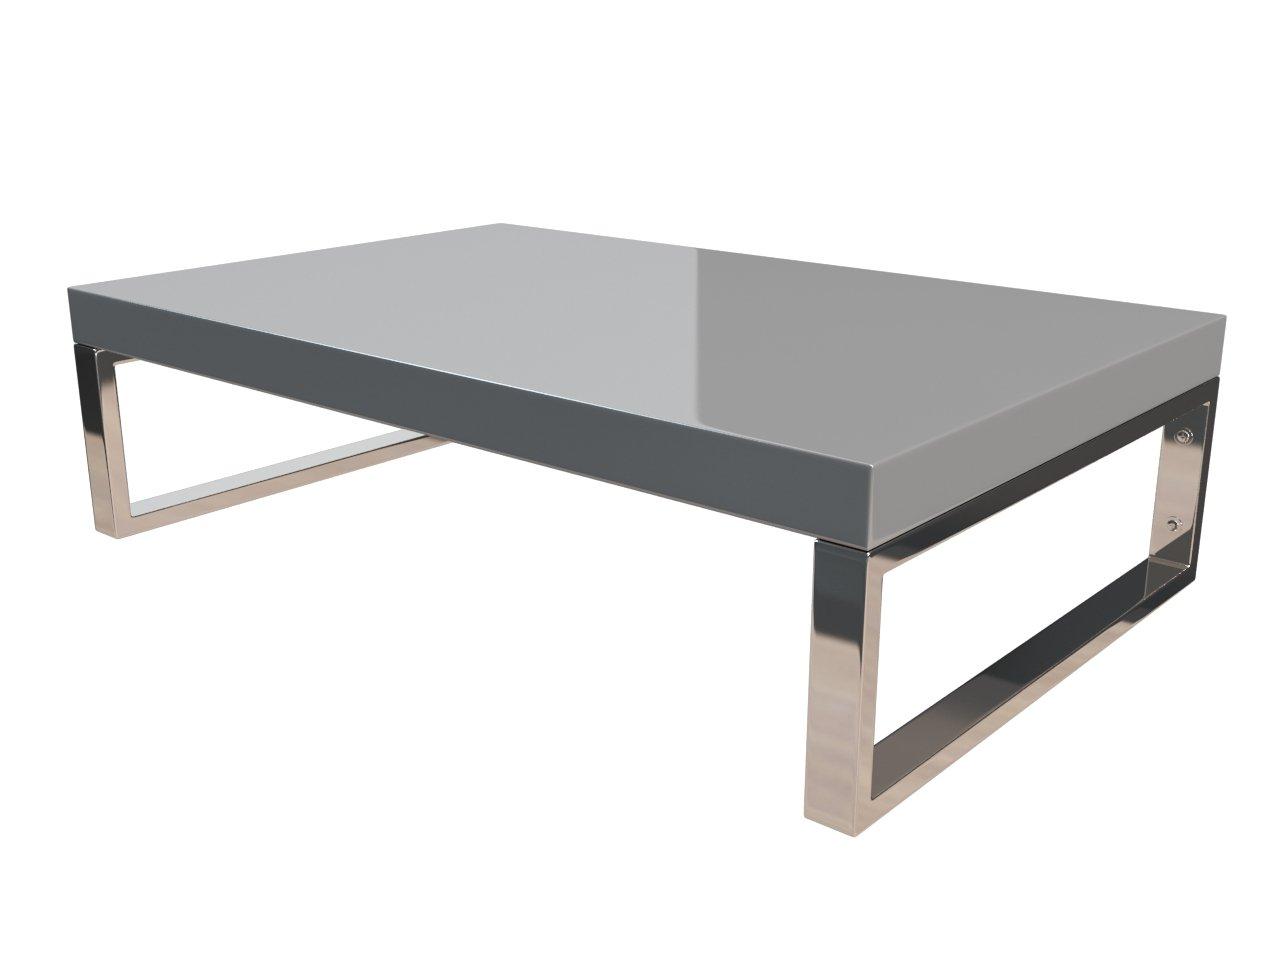 KeraBad Waschtischplatte Waschtischkonsole für Aufsatzwaschbecken und Waschschalen Holzplatte Badmöbel Tischplatte 60x45x5cm Silber Hochglanz kb-wt50120silber-10